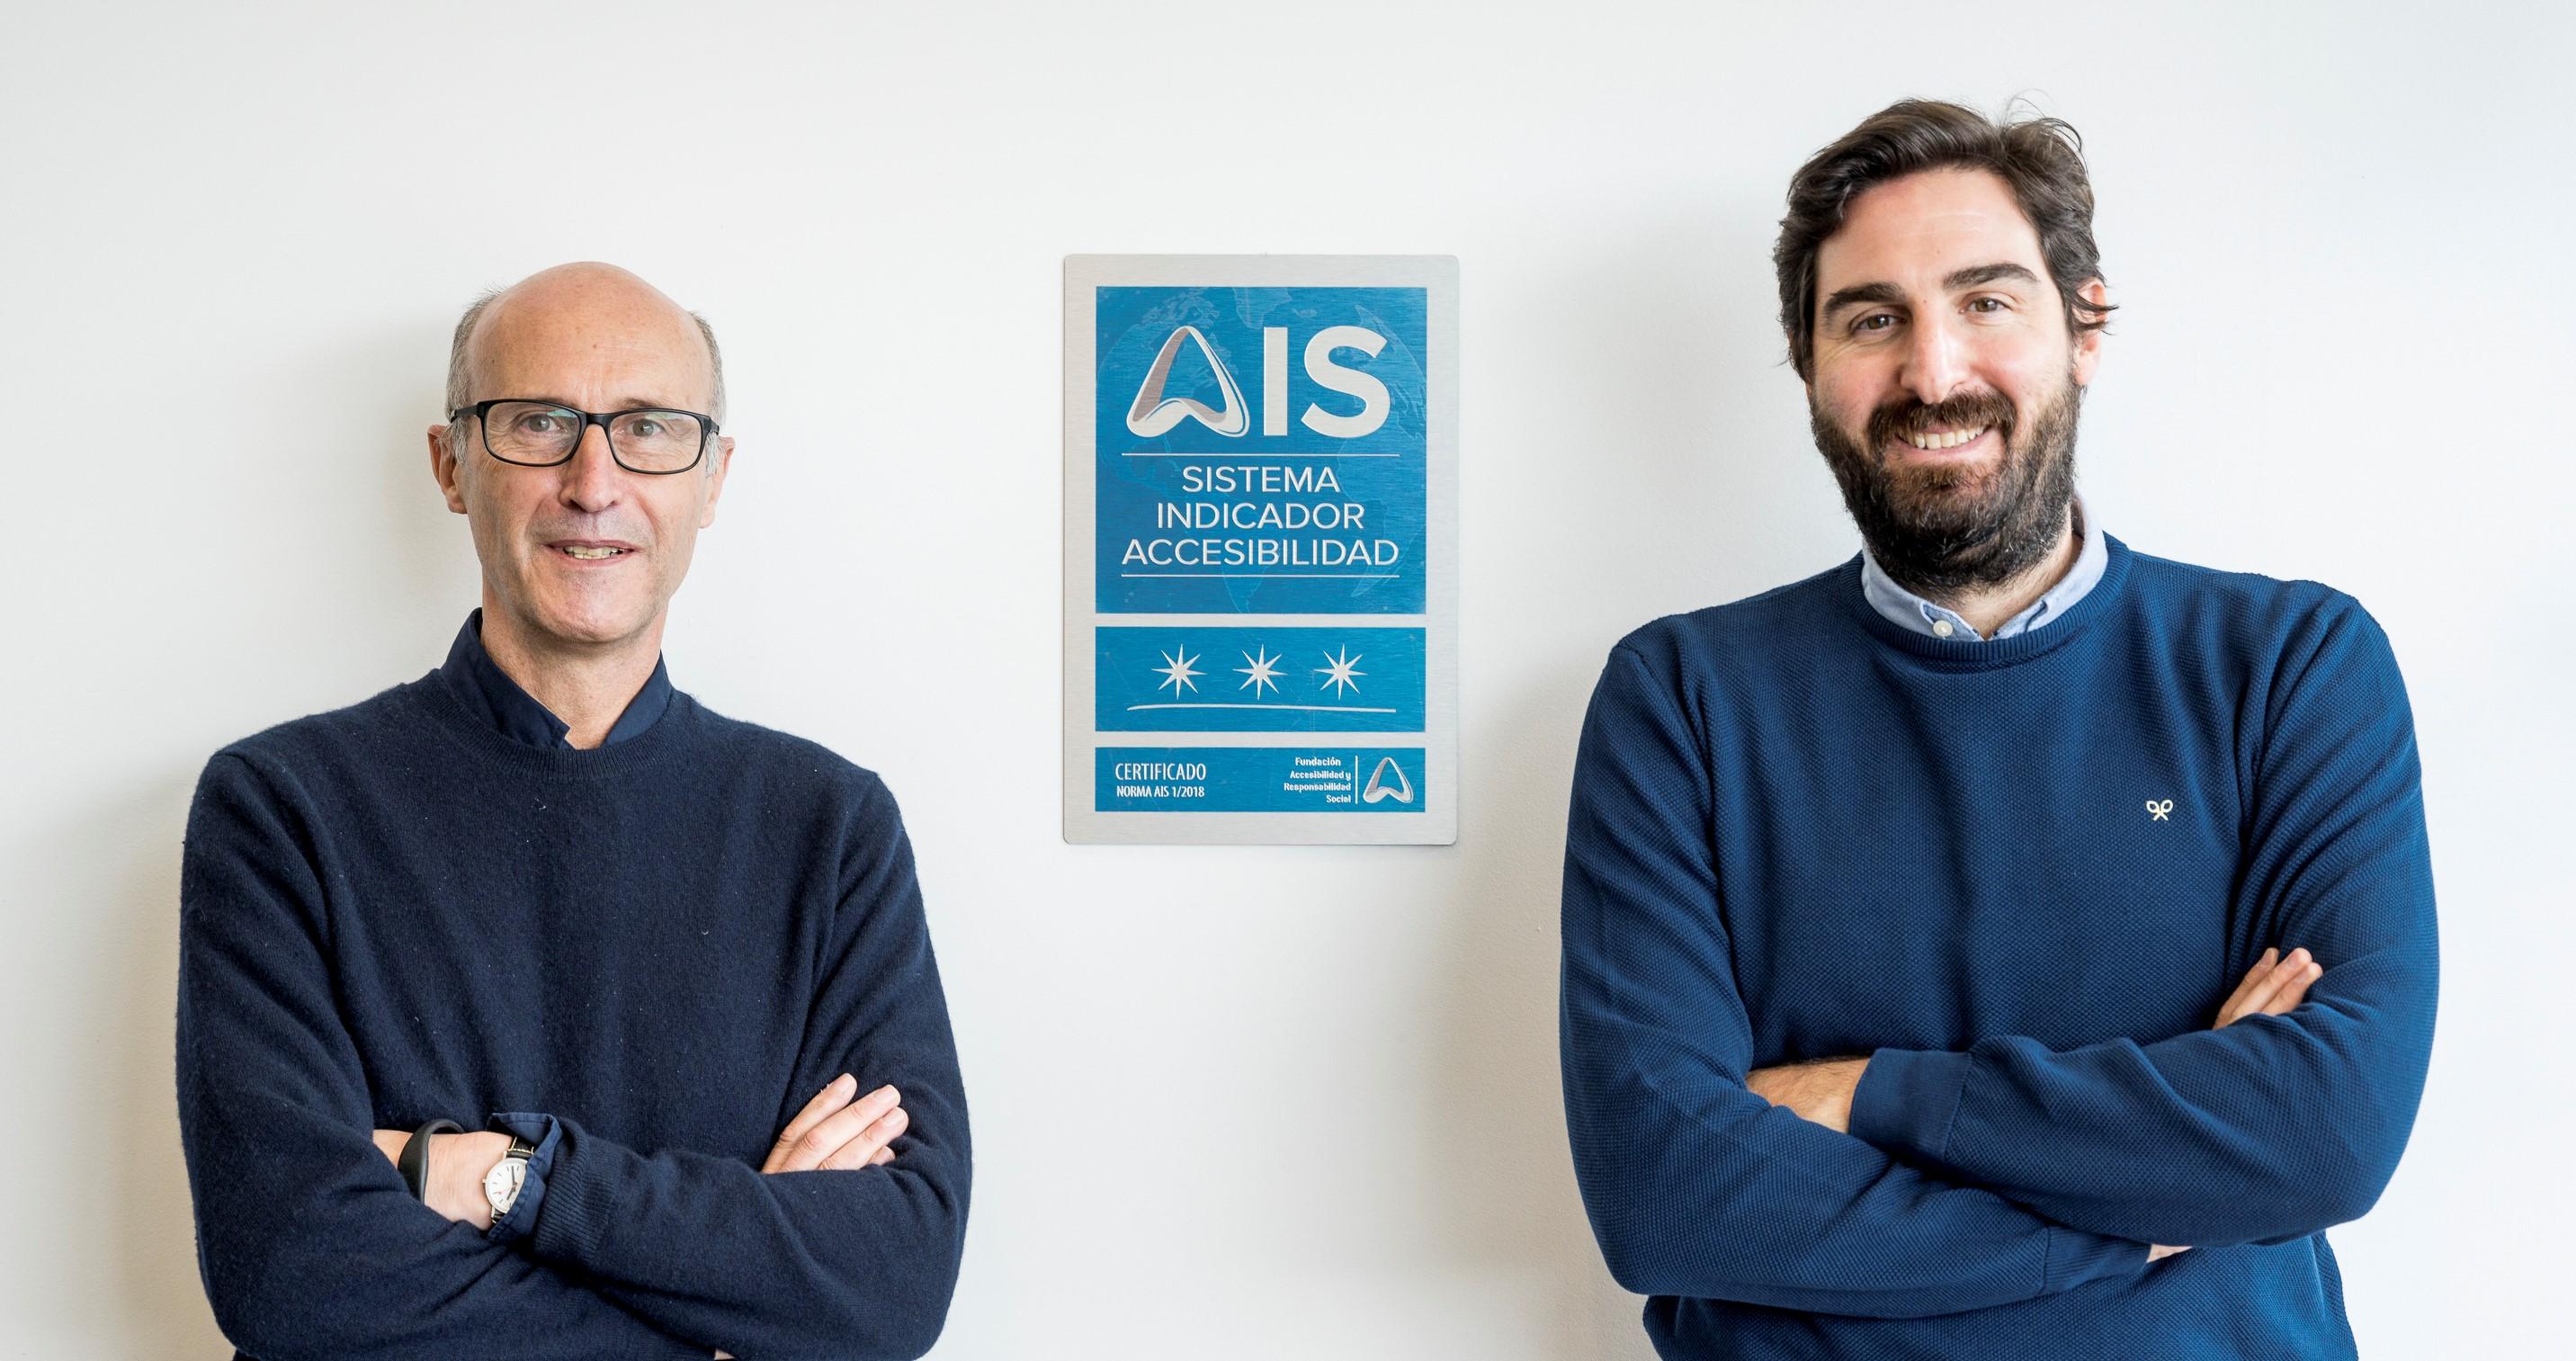 Dos miembros de la gerencia de Moraleja Green posan con la placa AIS